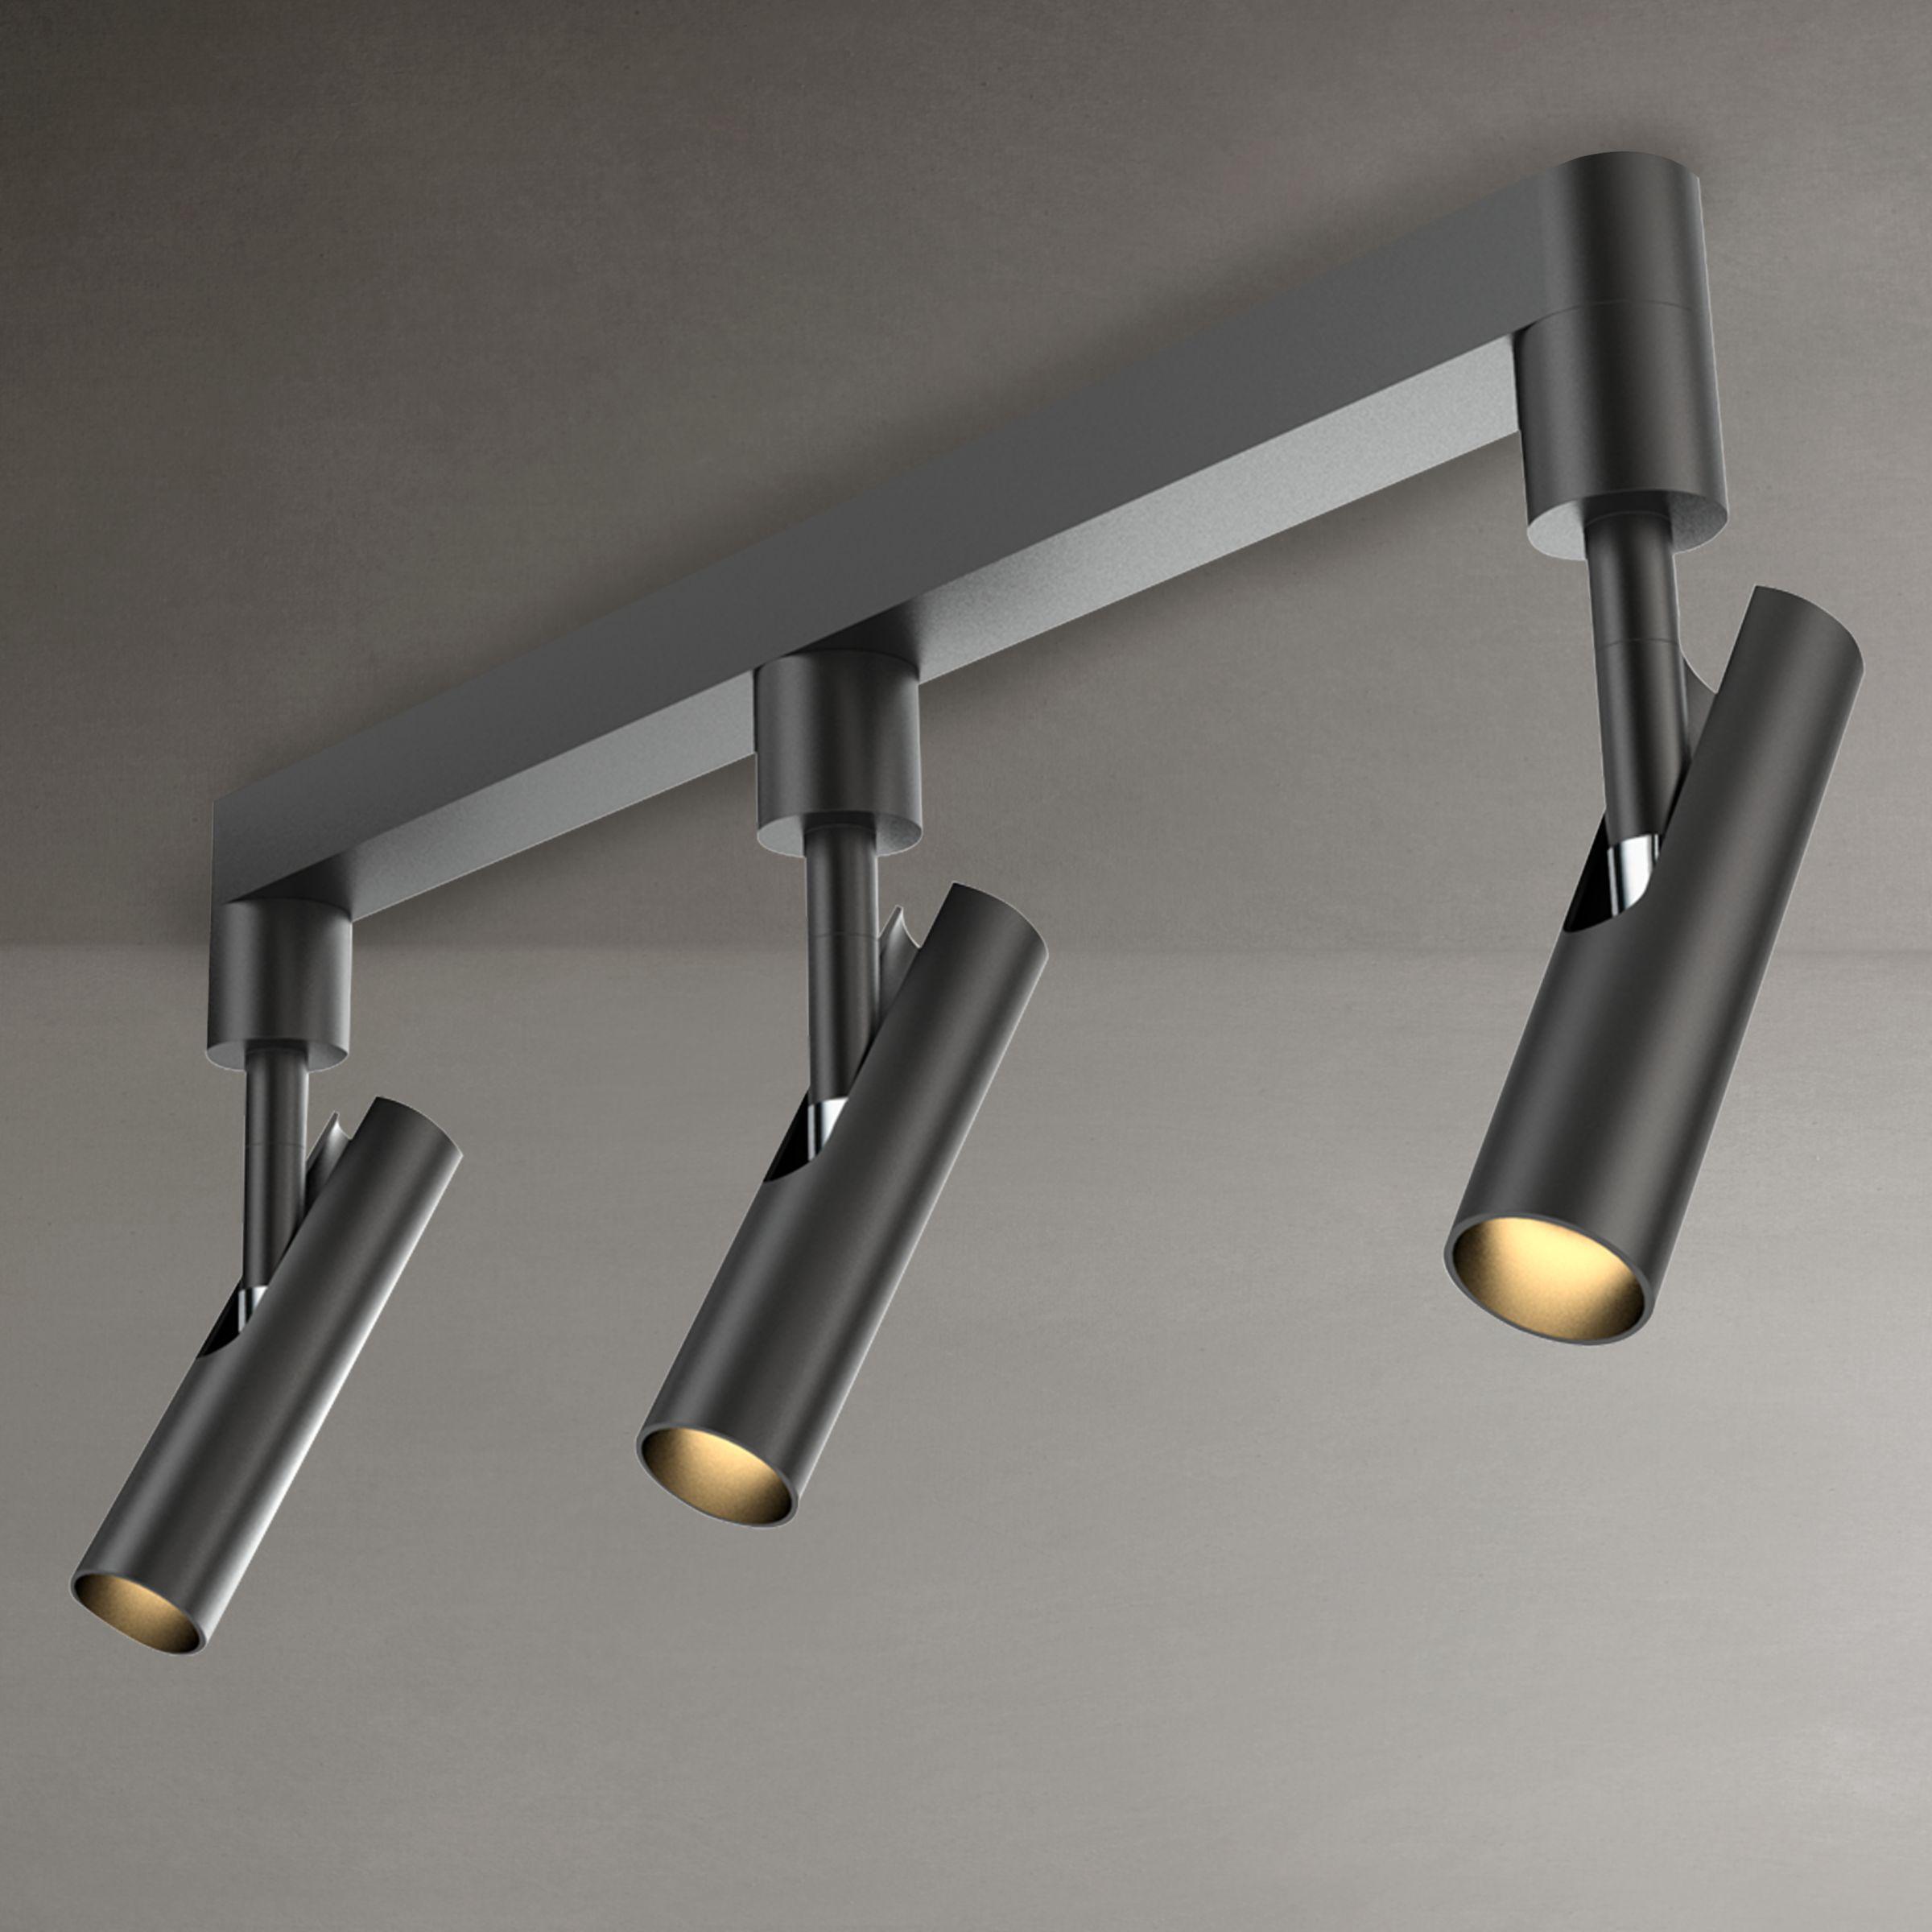 Nordlux Nordlux MIB 3 LED Bar Spolight